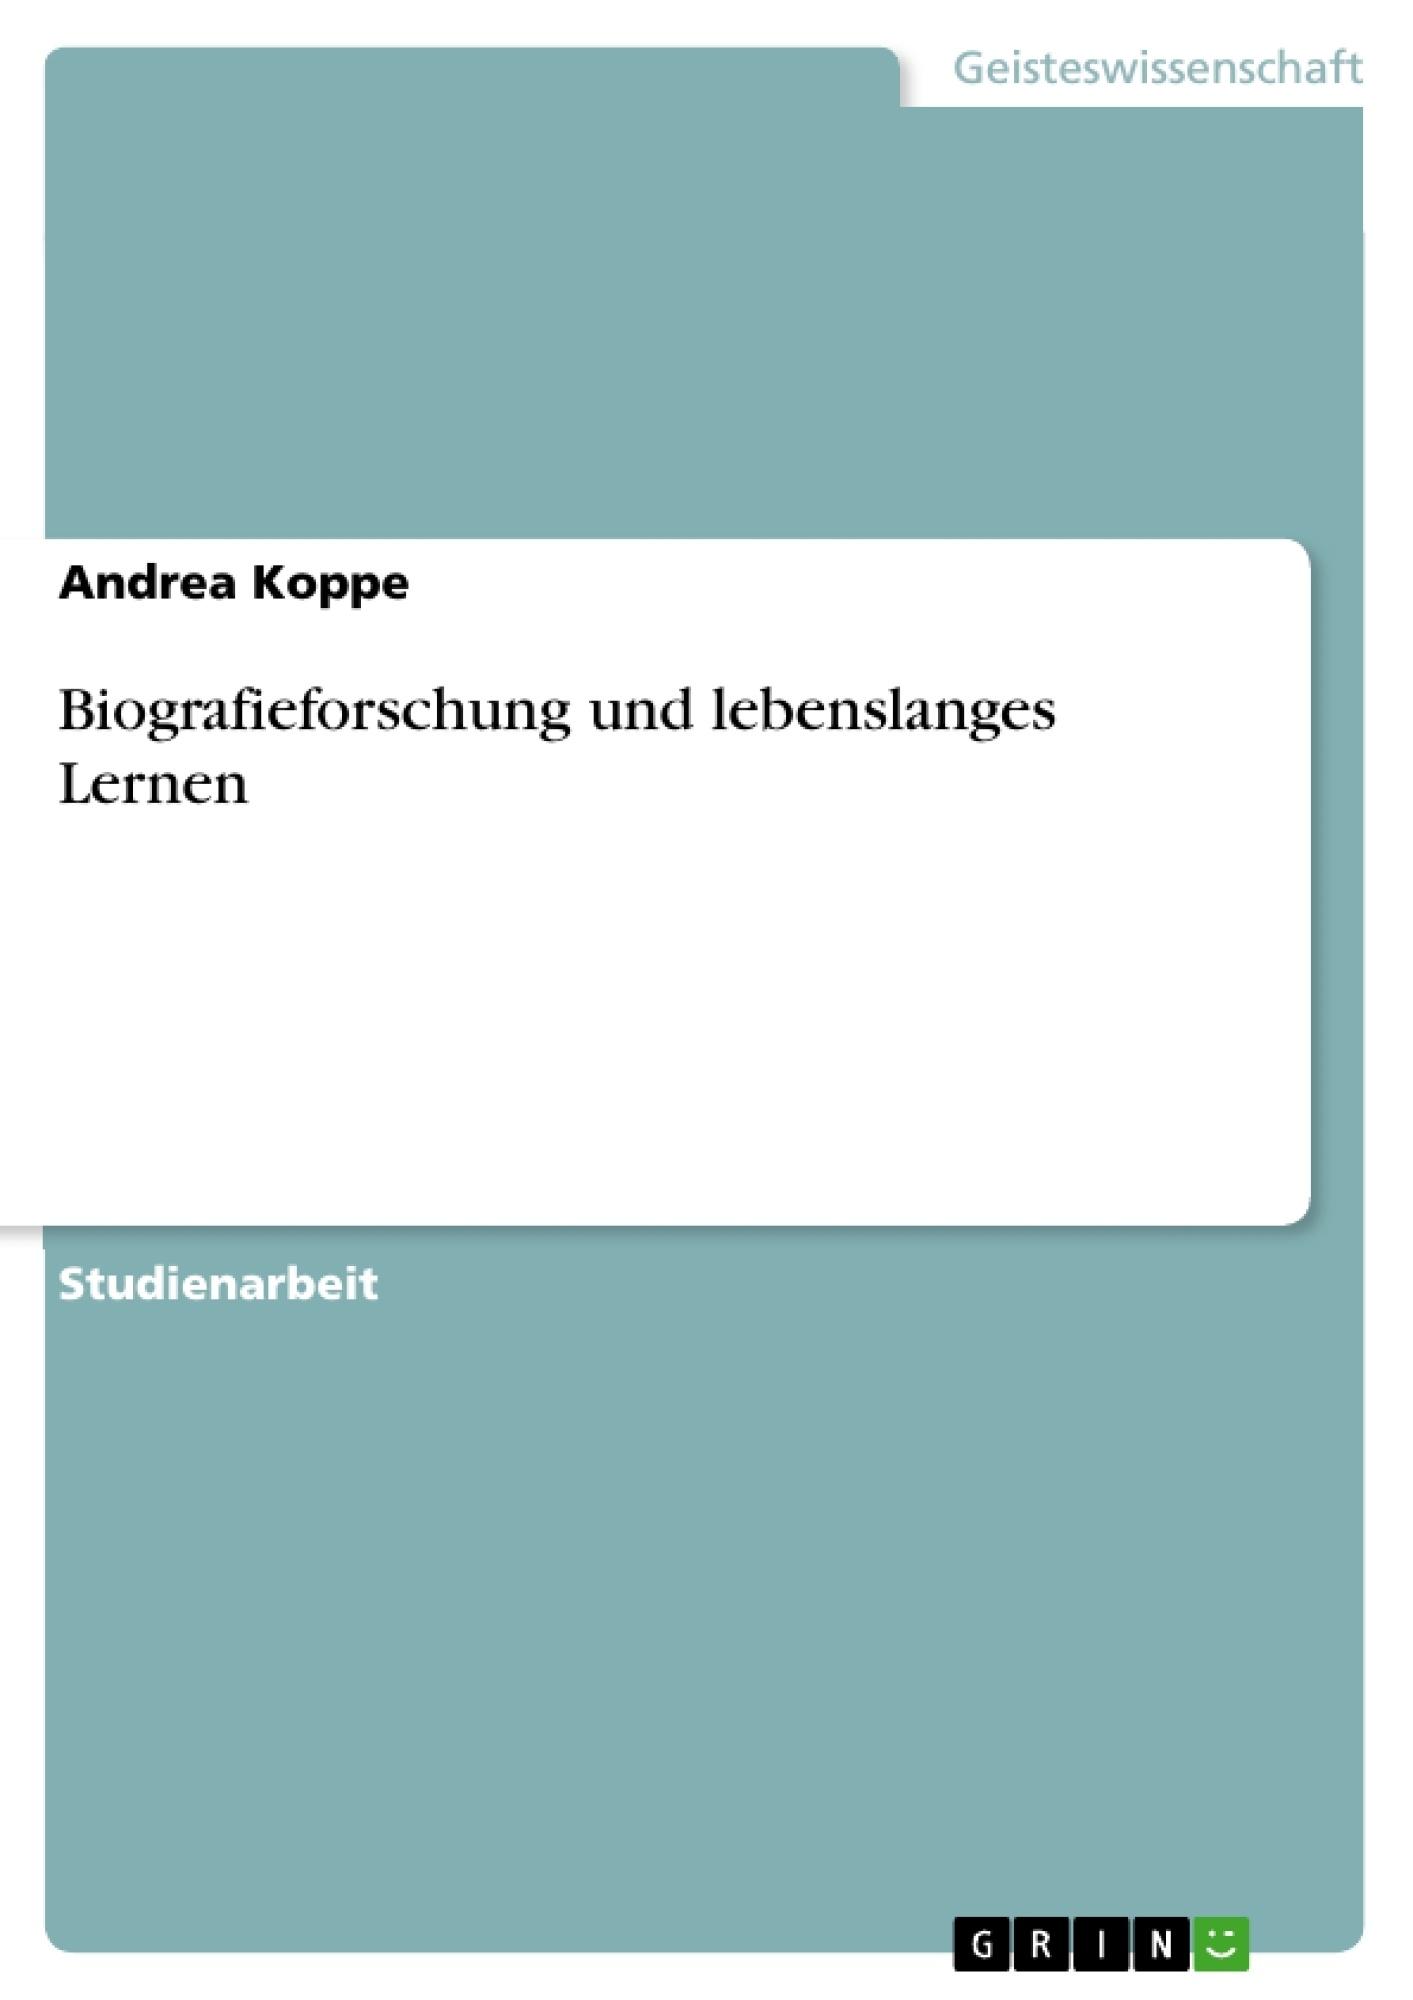 Titel: Biografieforschung und lebenslanges Lernen